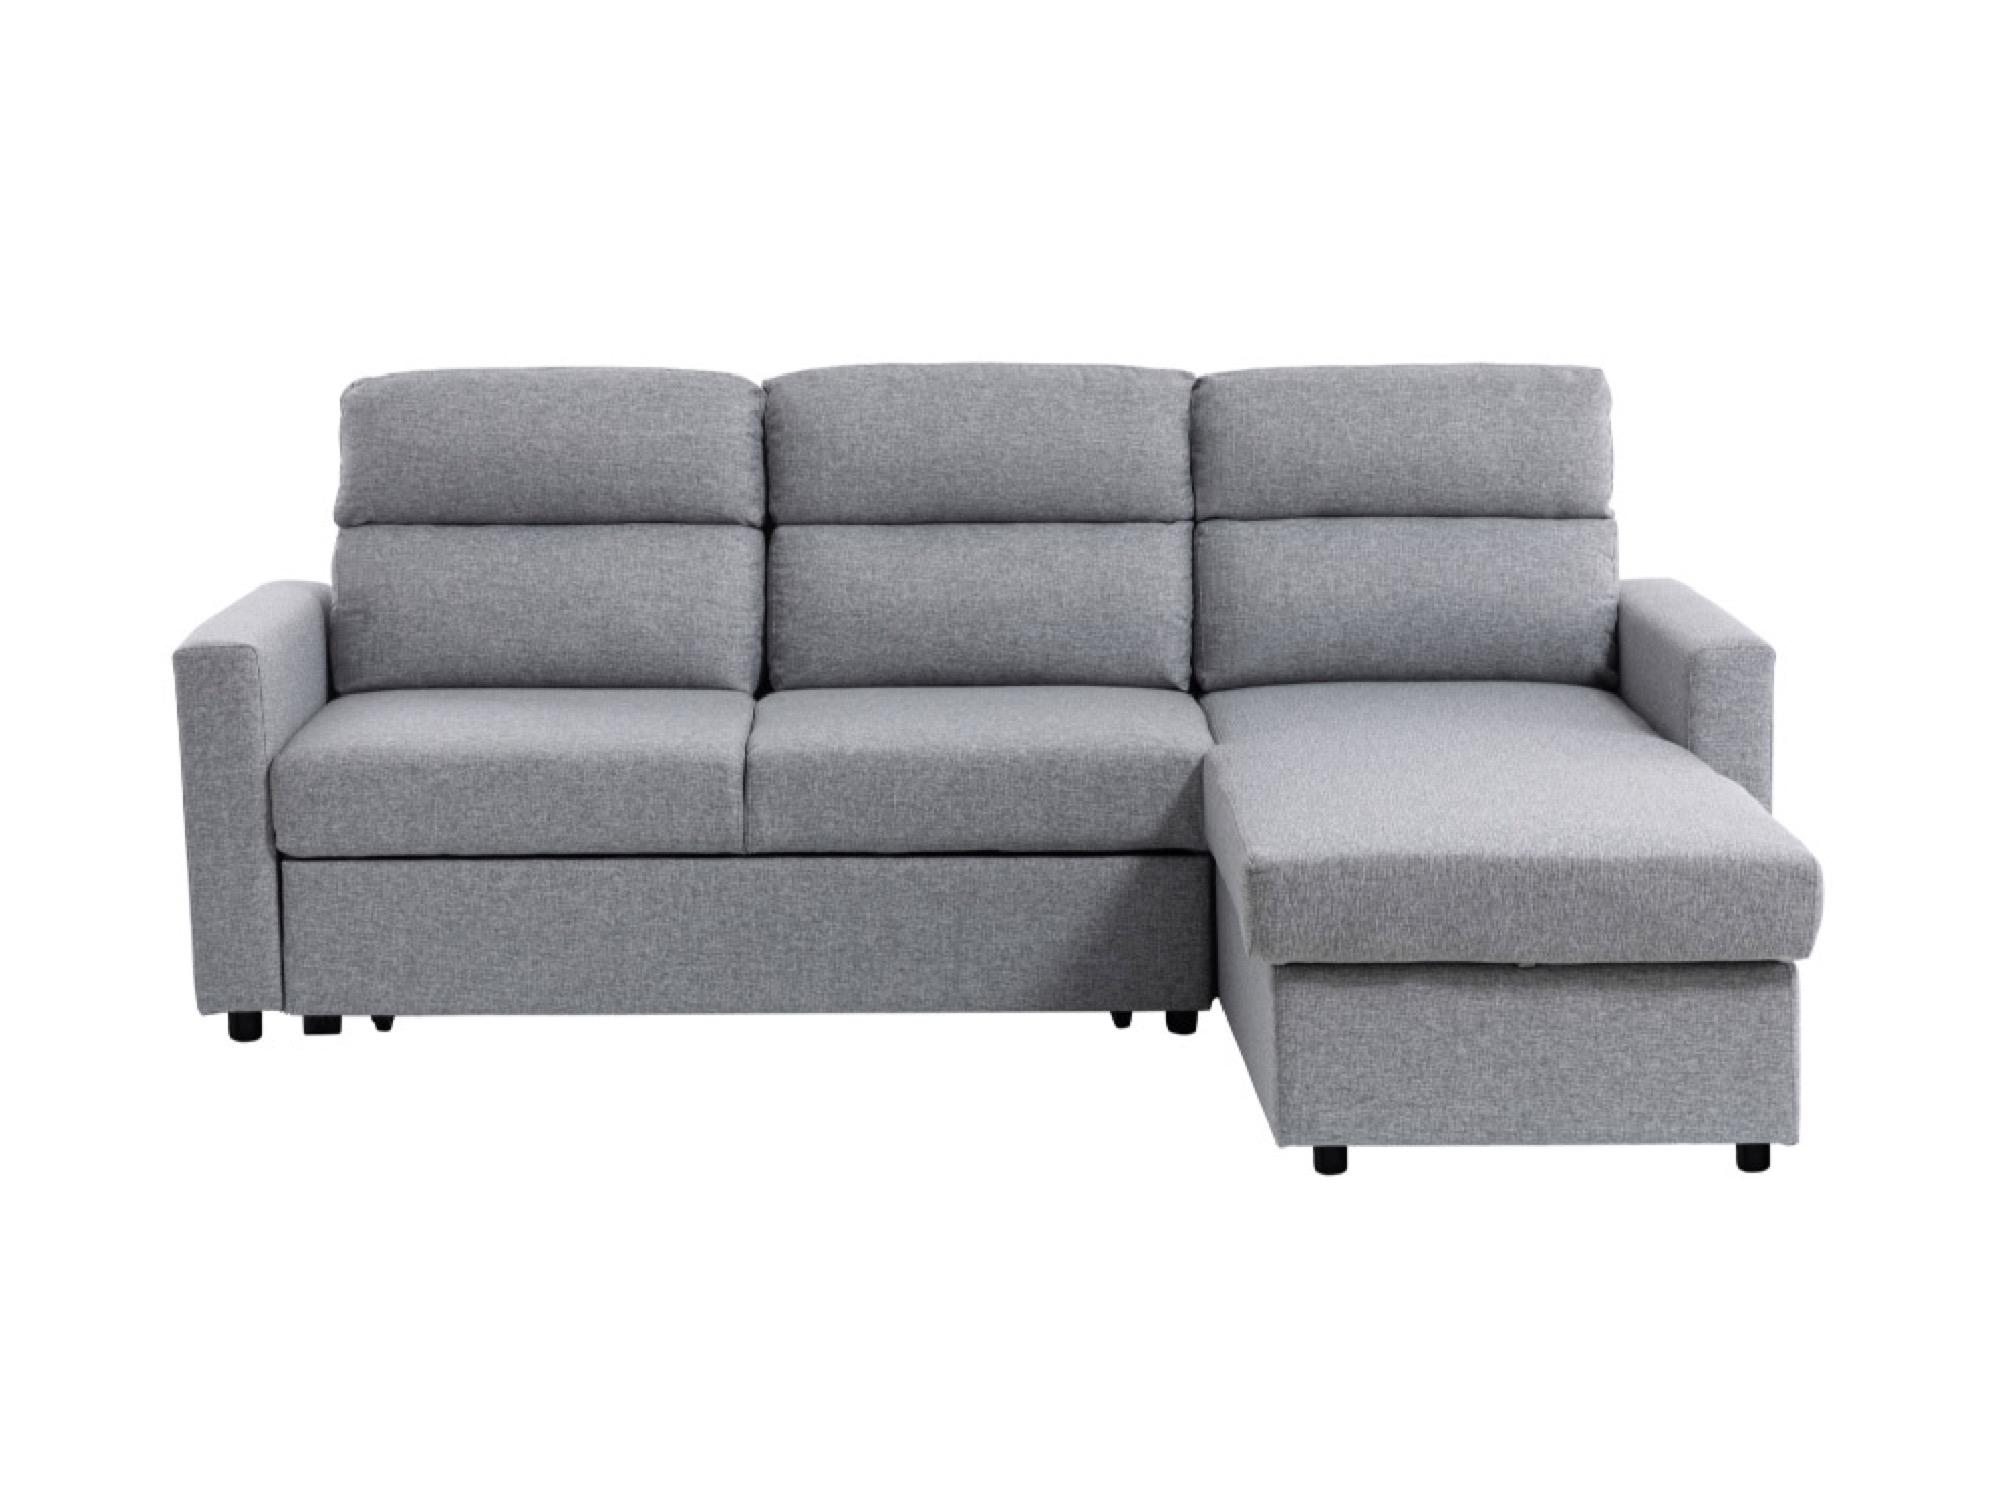 Canapé d'angle gris clair convertible avec coffre